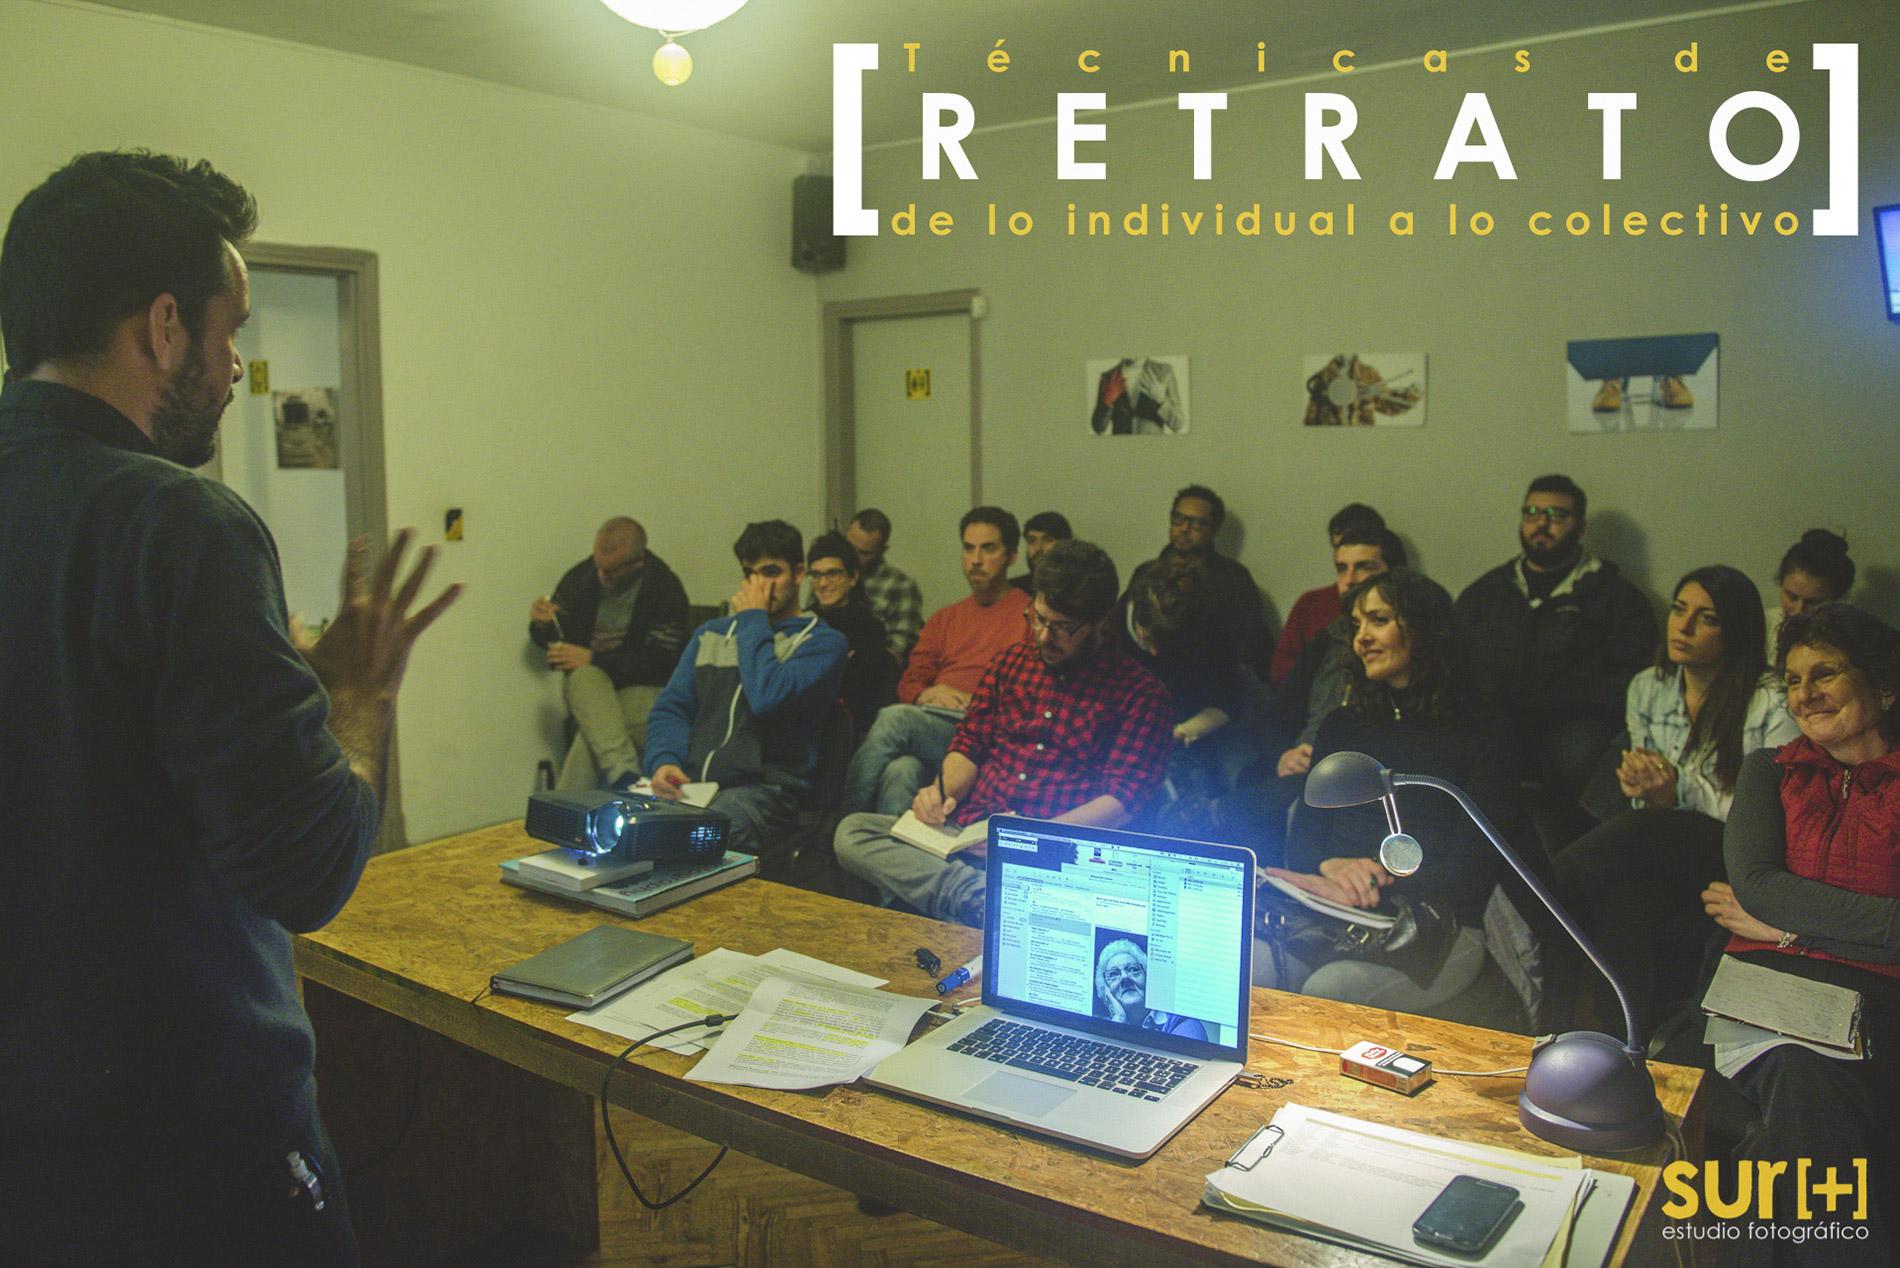 Seminario de Retrato - De lo individual a lo colectivo - Subcoop